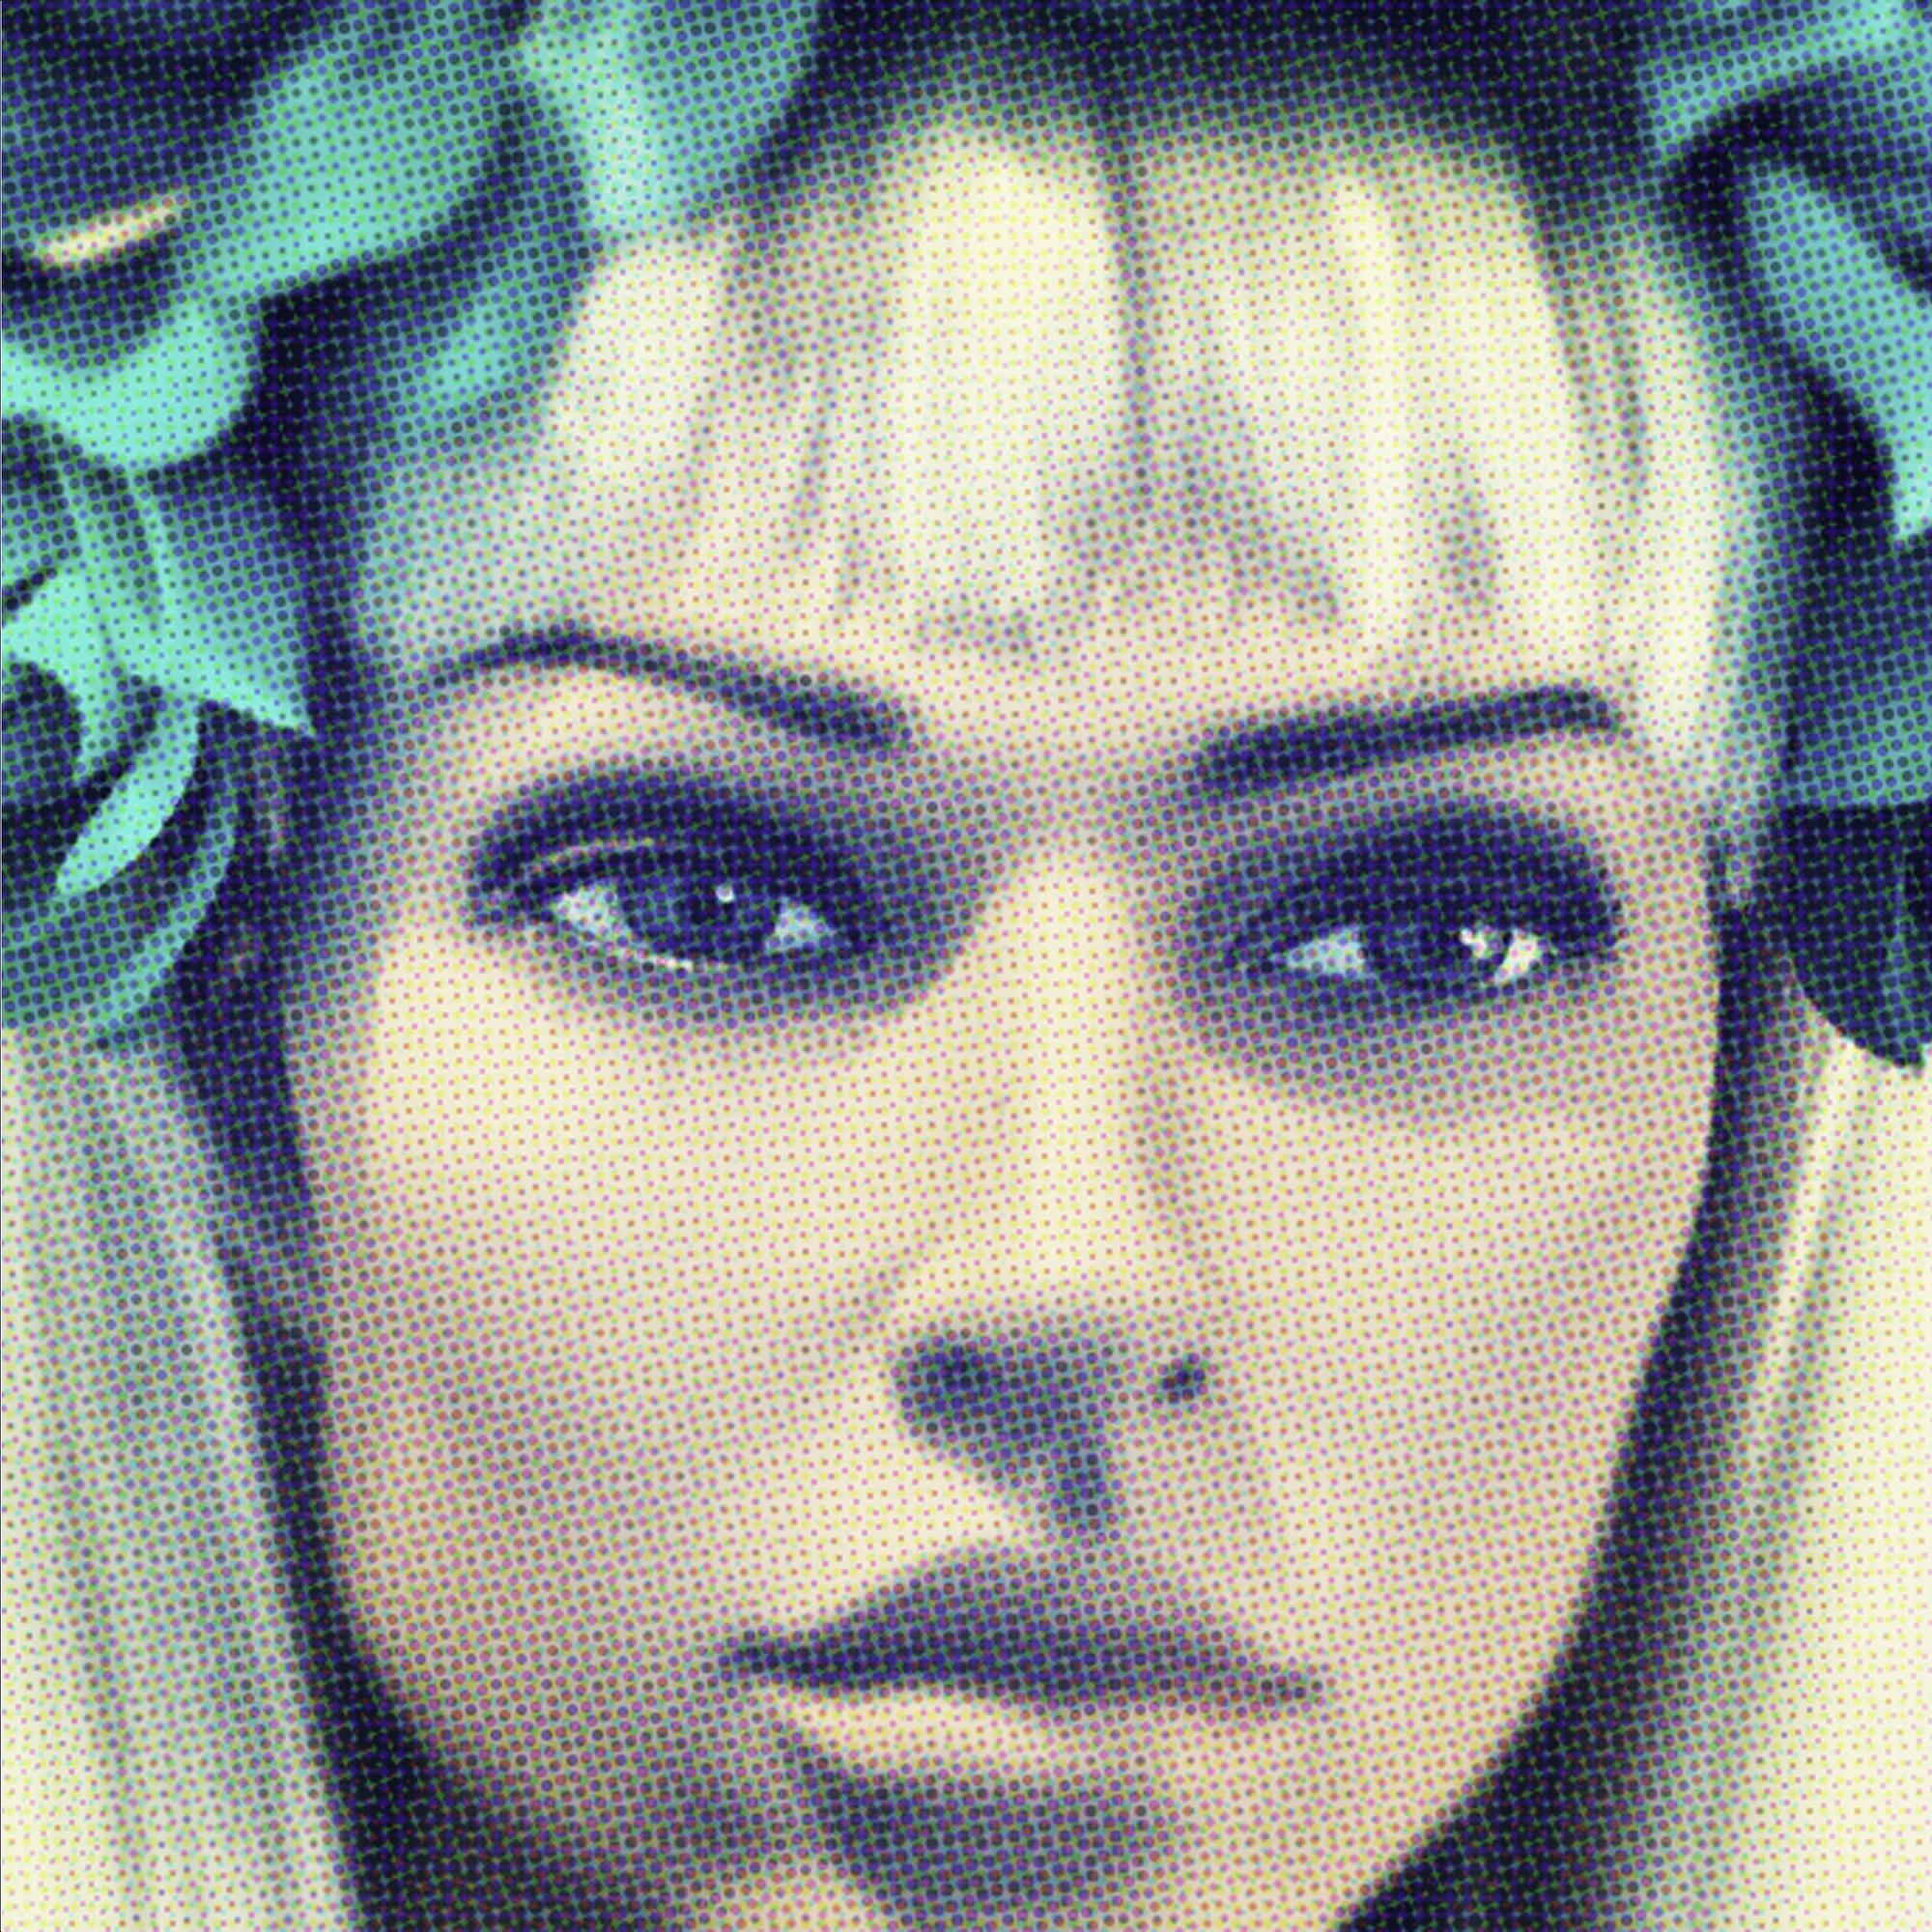 MASTER Mannequin007.jpg